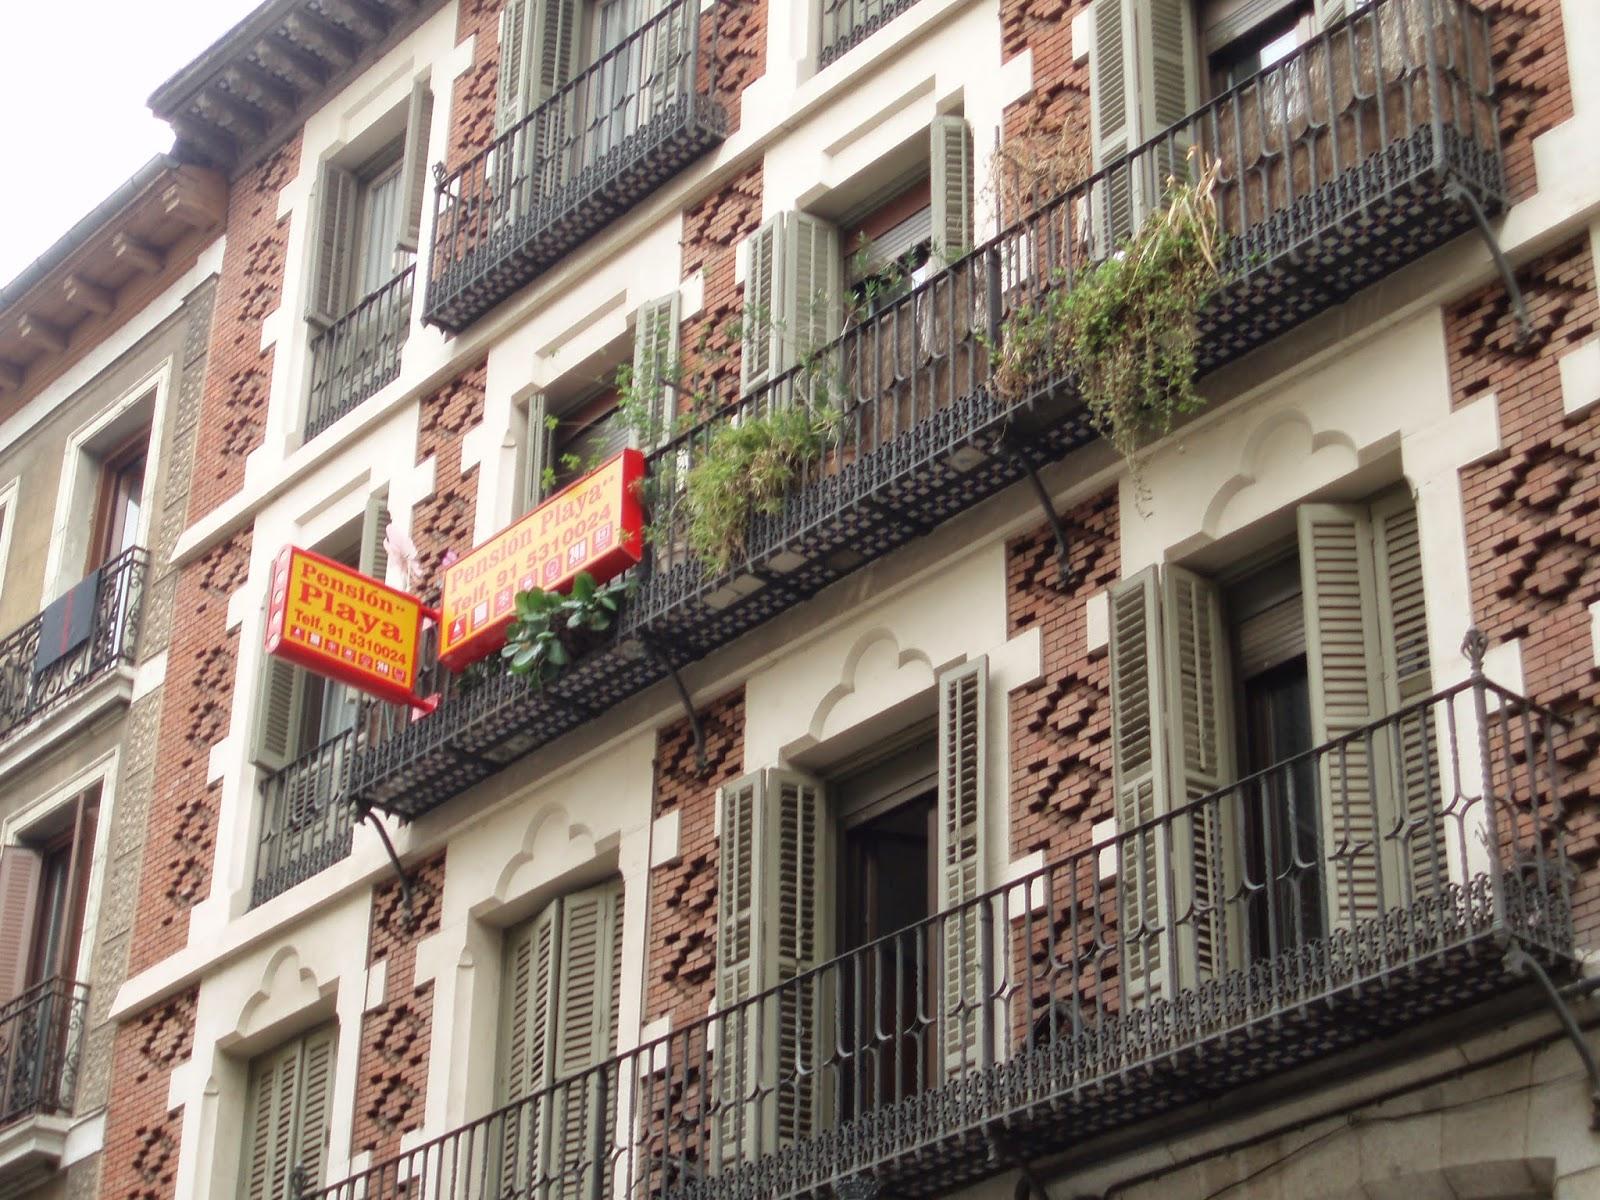 Madrid Insólito madrid Callejero 15Calle CarretasManuelblas De 0XwPN8knO